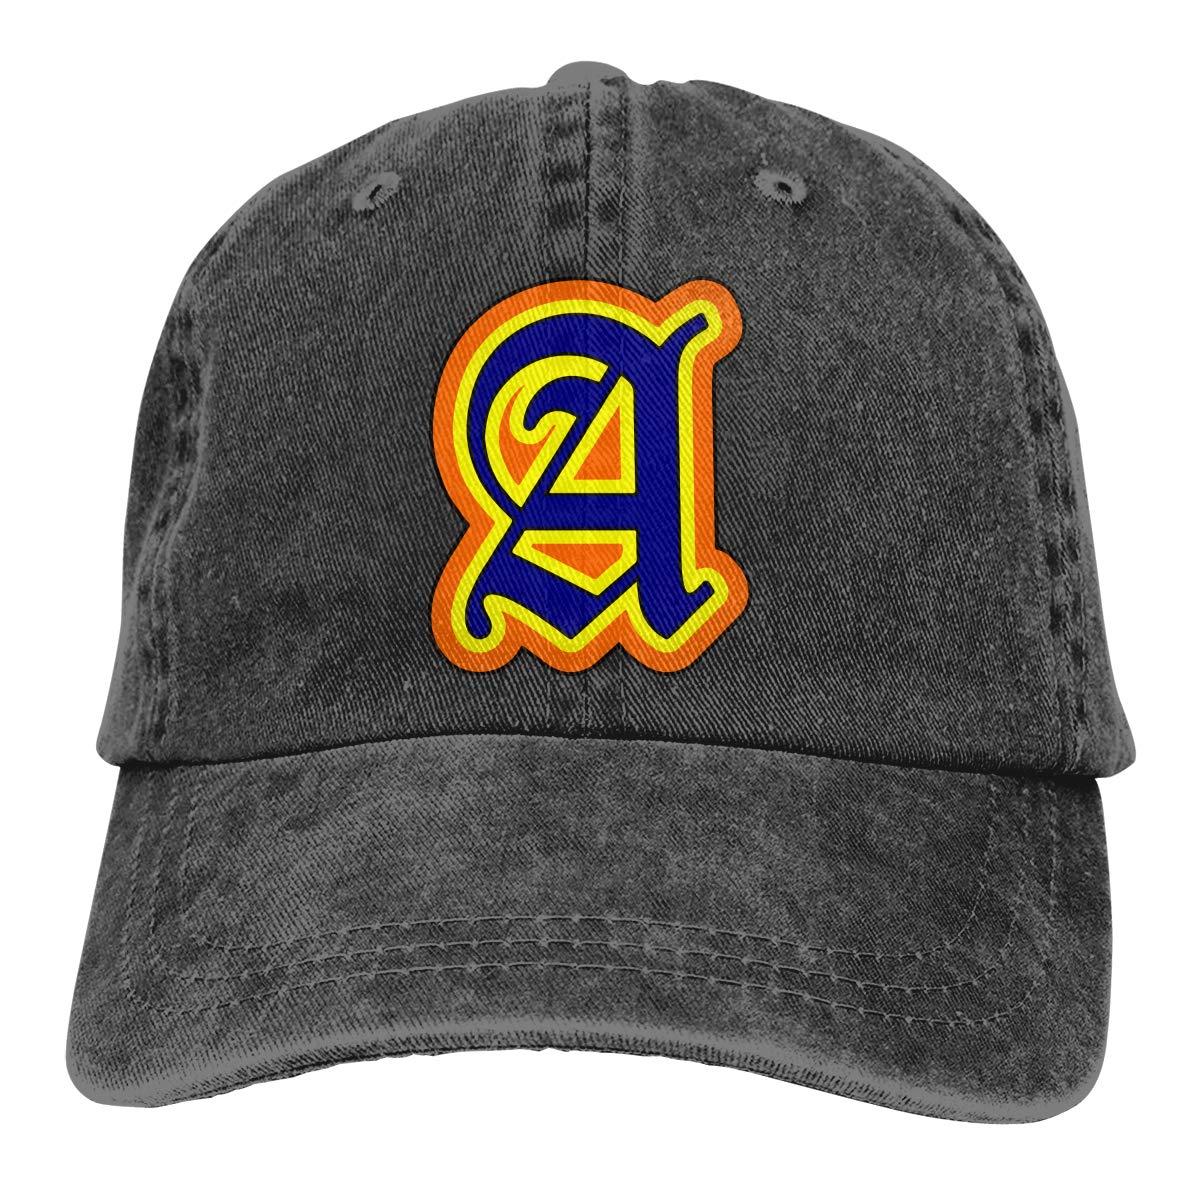 Q64 Alphabet A Unisex Adult Cowboy Hat Hip Hop Cap Adjustable Truck Driver Hat